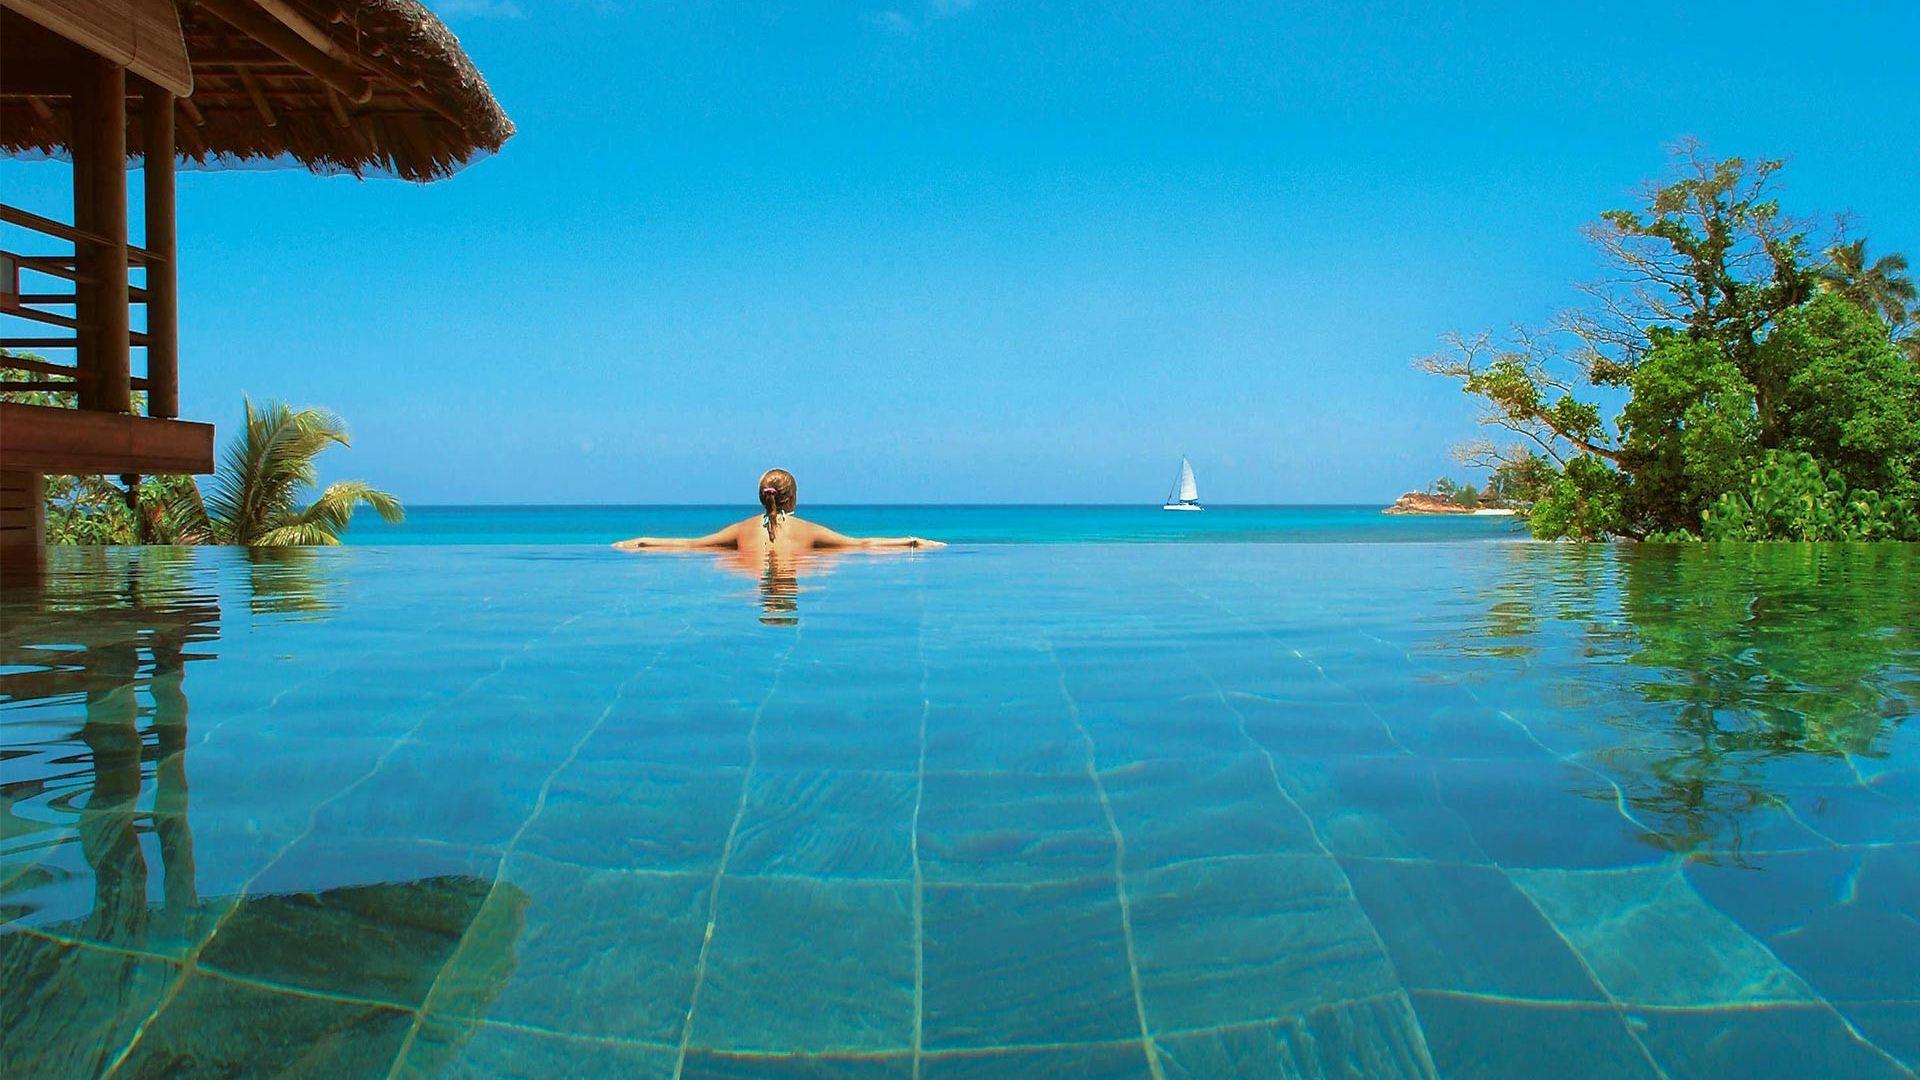 Revelion 2022 - Sejur plaja Constance Ephelia & Constance Lemuria, Seychelles, 10 zile